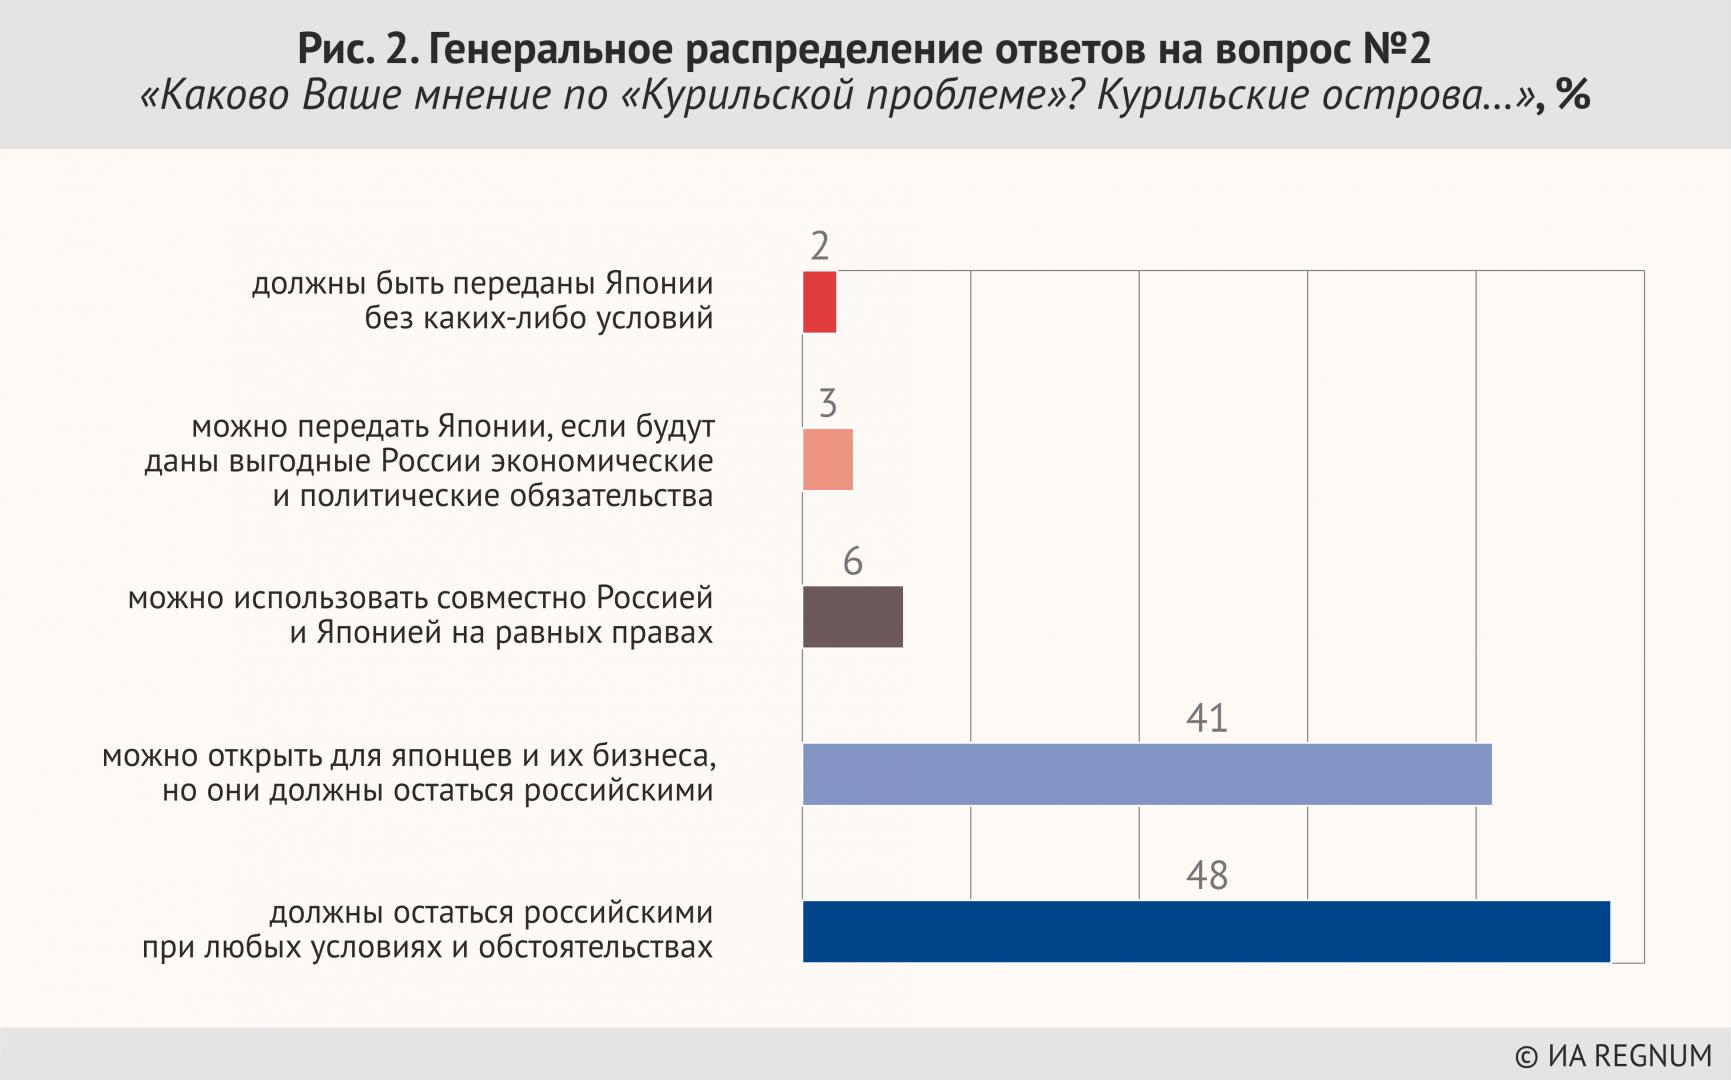 Генеральное распределение ответов на вопрос №2 «Каково Ваше мнение по «Курильской проблеме» Курильские острова…», %